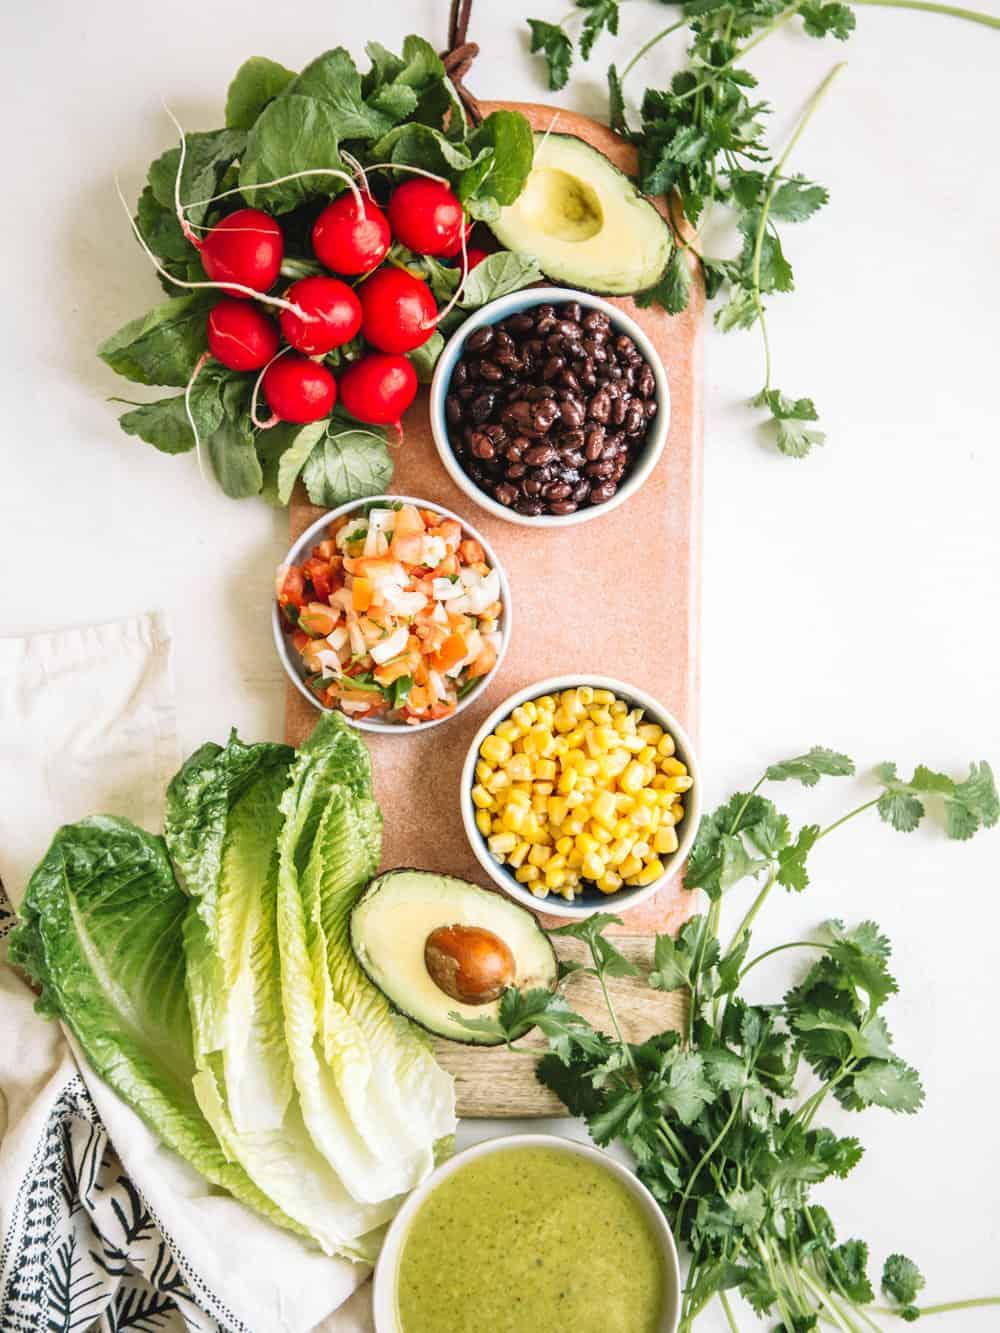 Small bowls of corn, black beans, pico de galla, radishes, and cliantro.